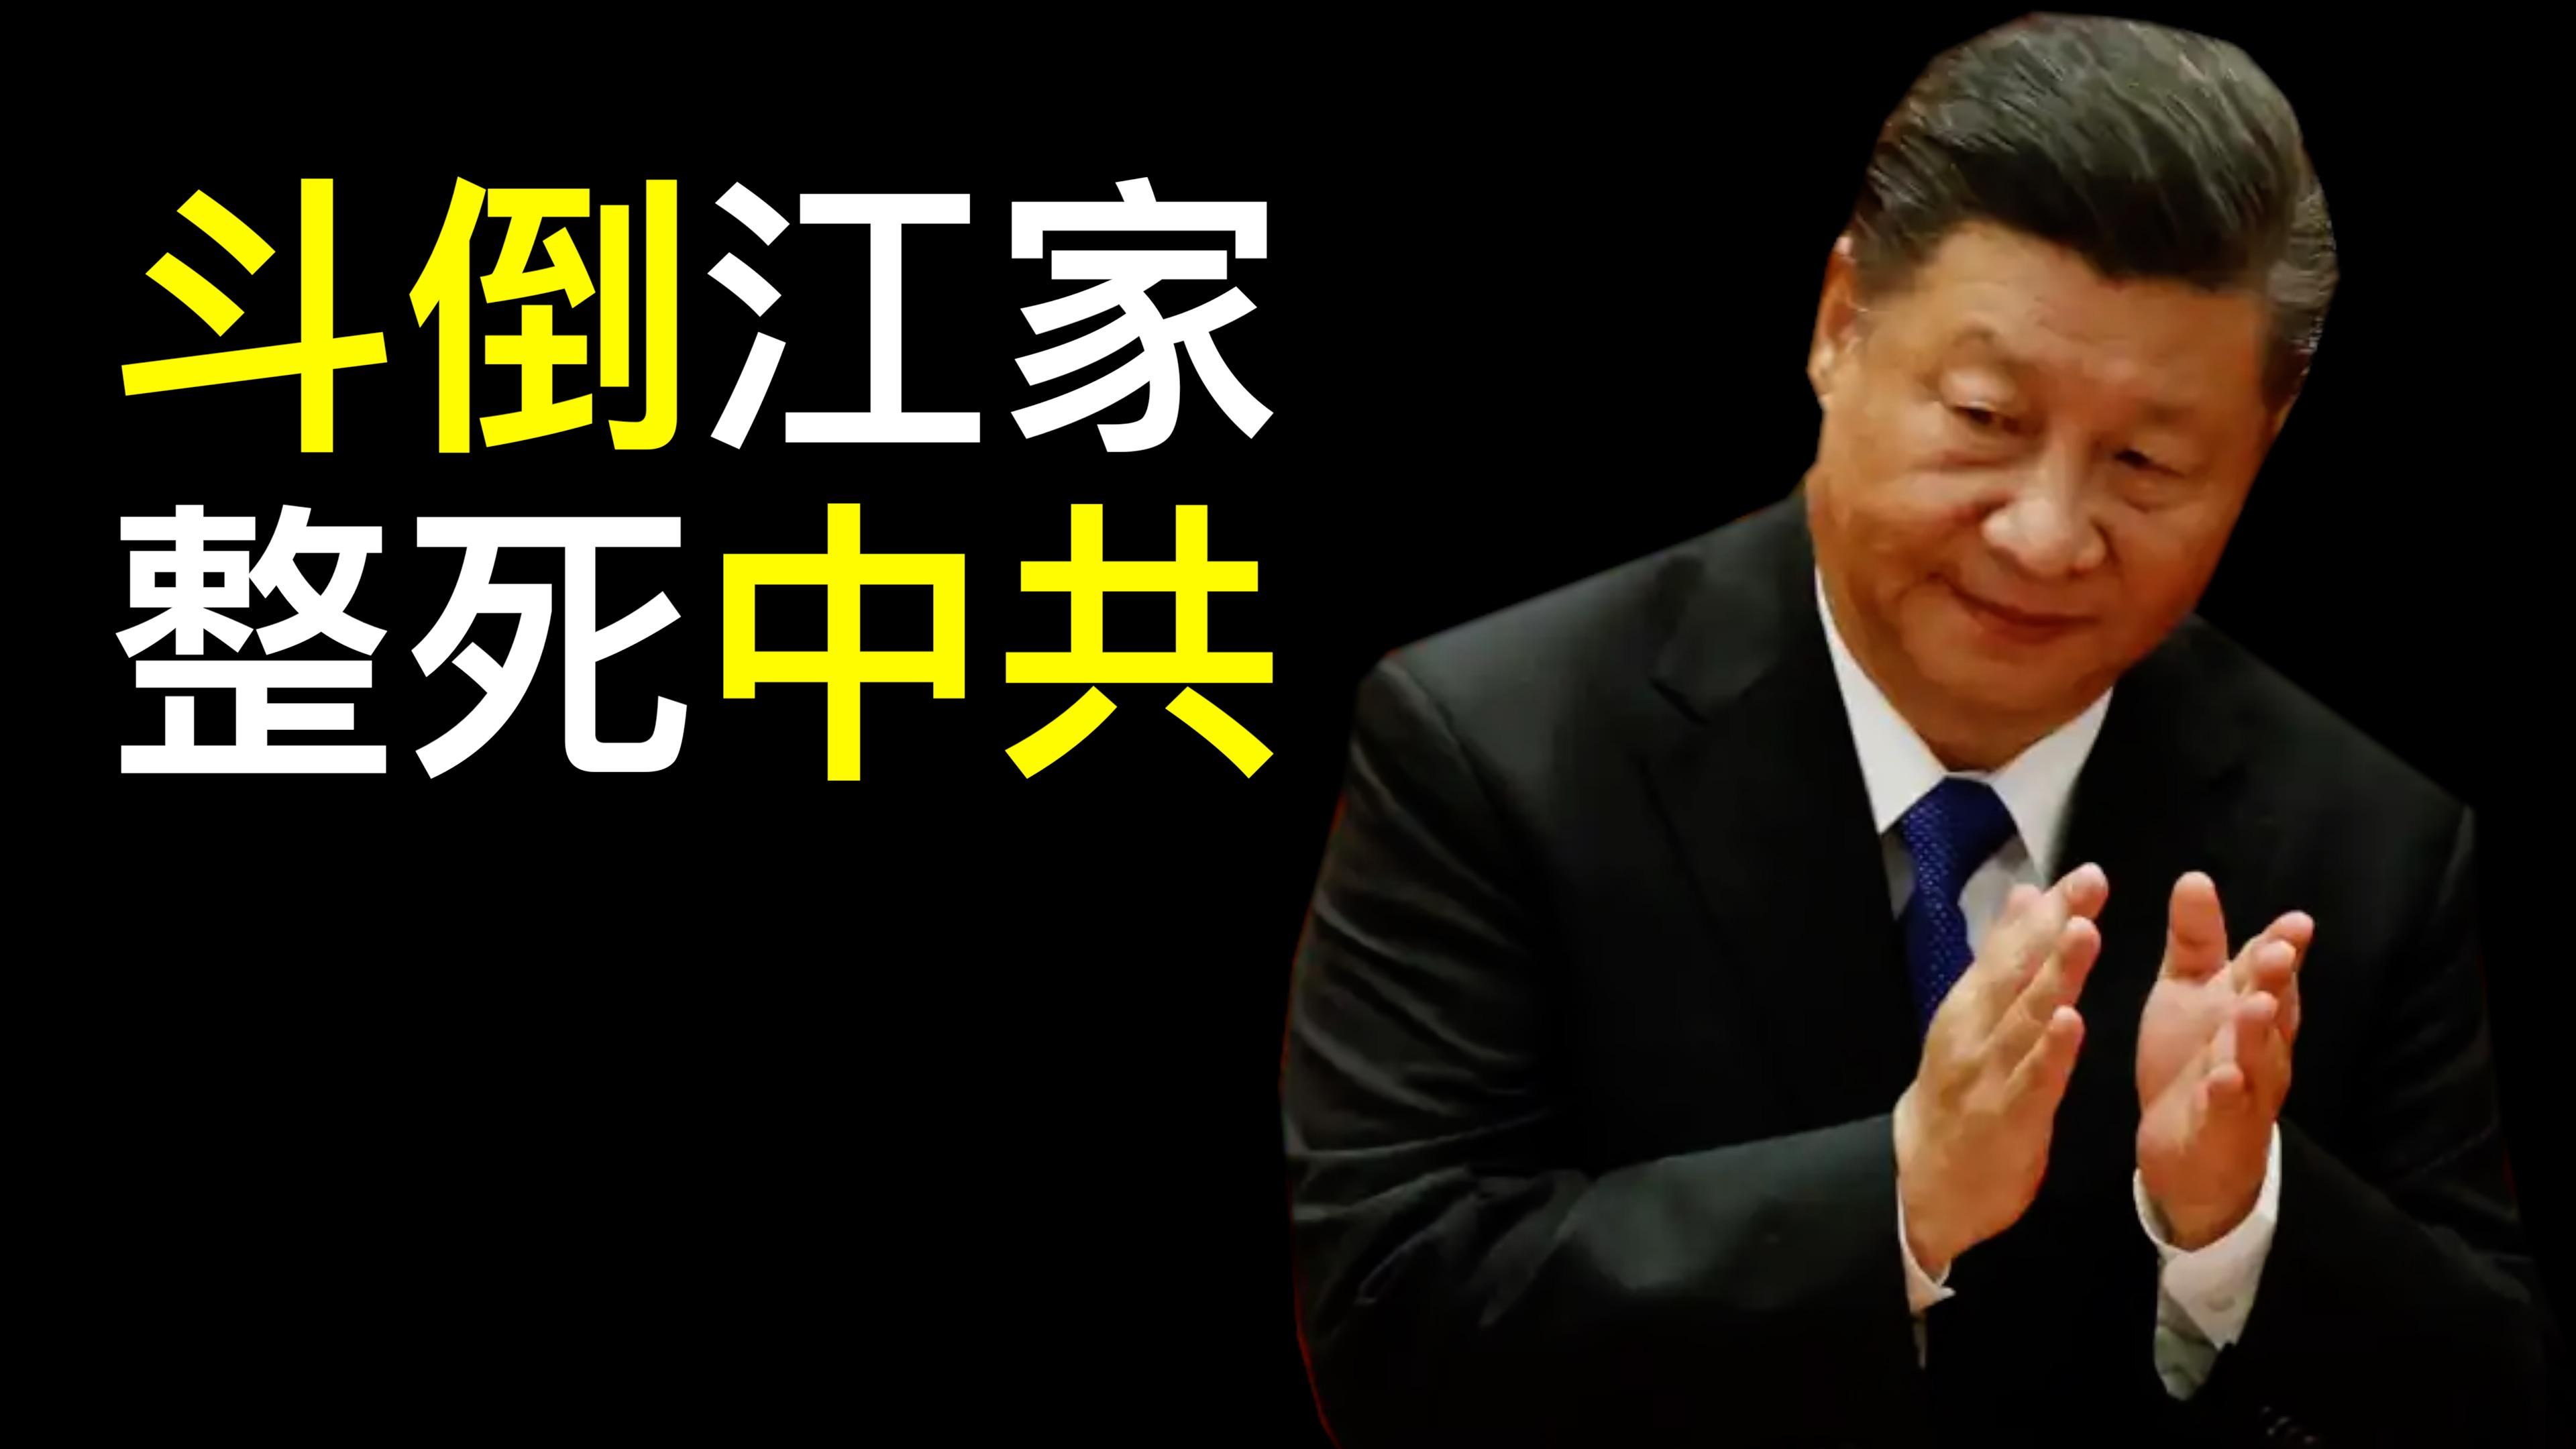 中國民營媒體的災難來了!習近平要學孫中山驅逐中共?